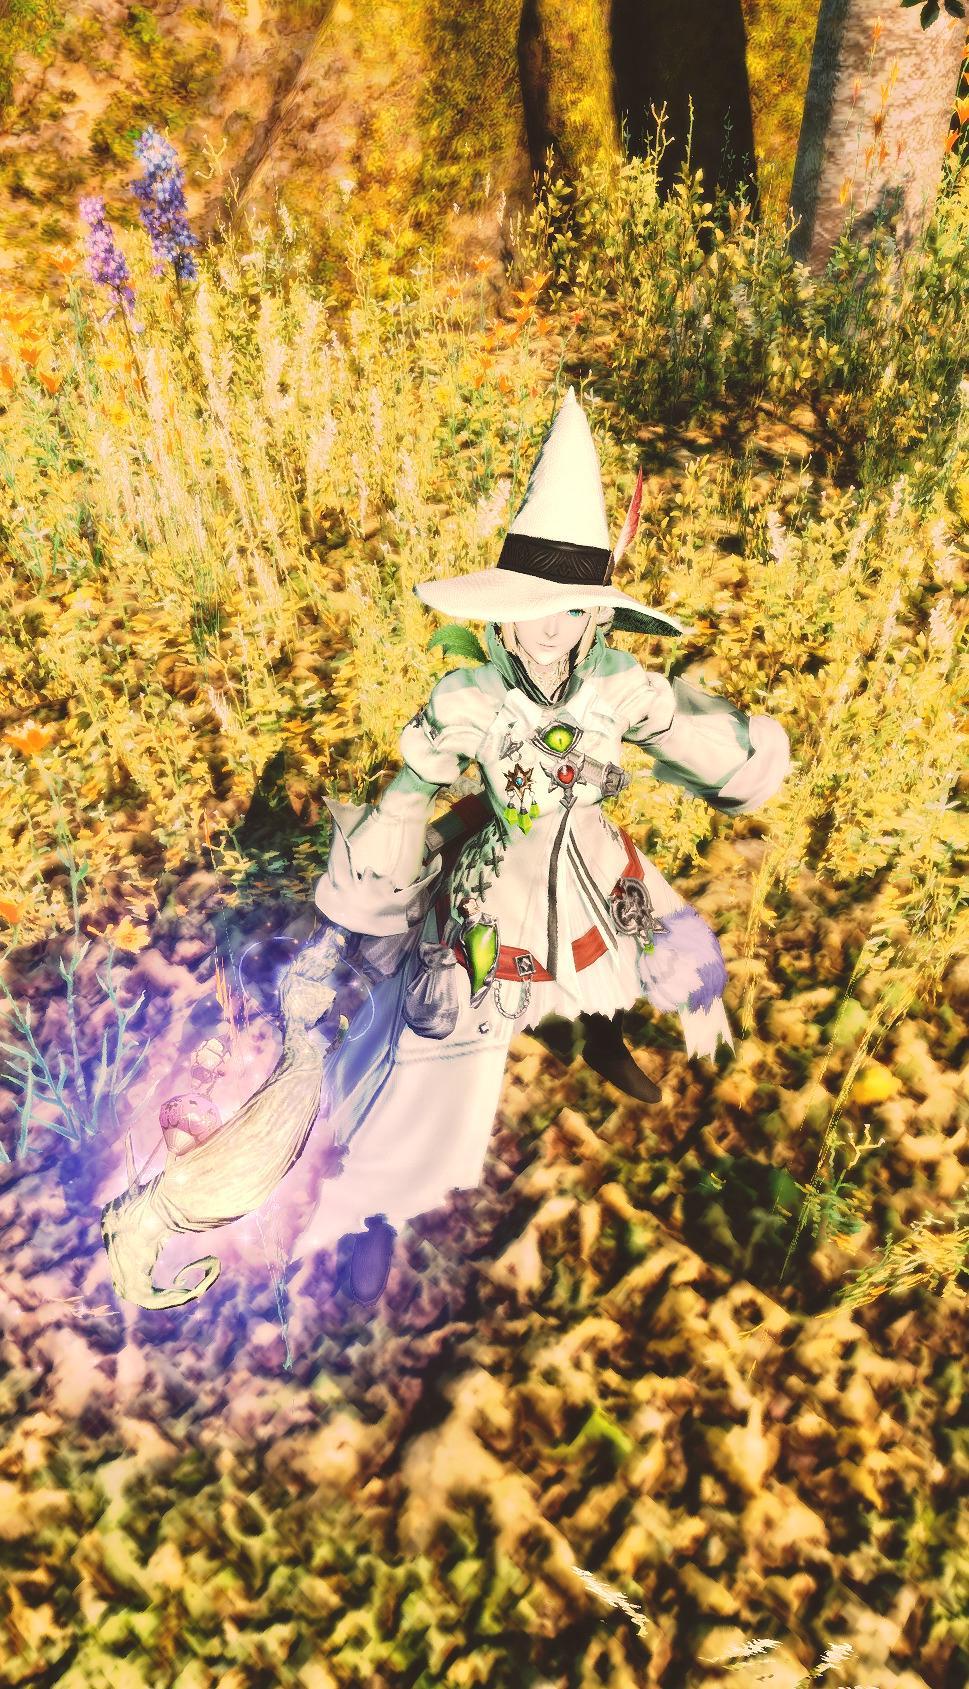 緑衣の魔導士